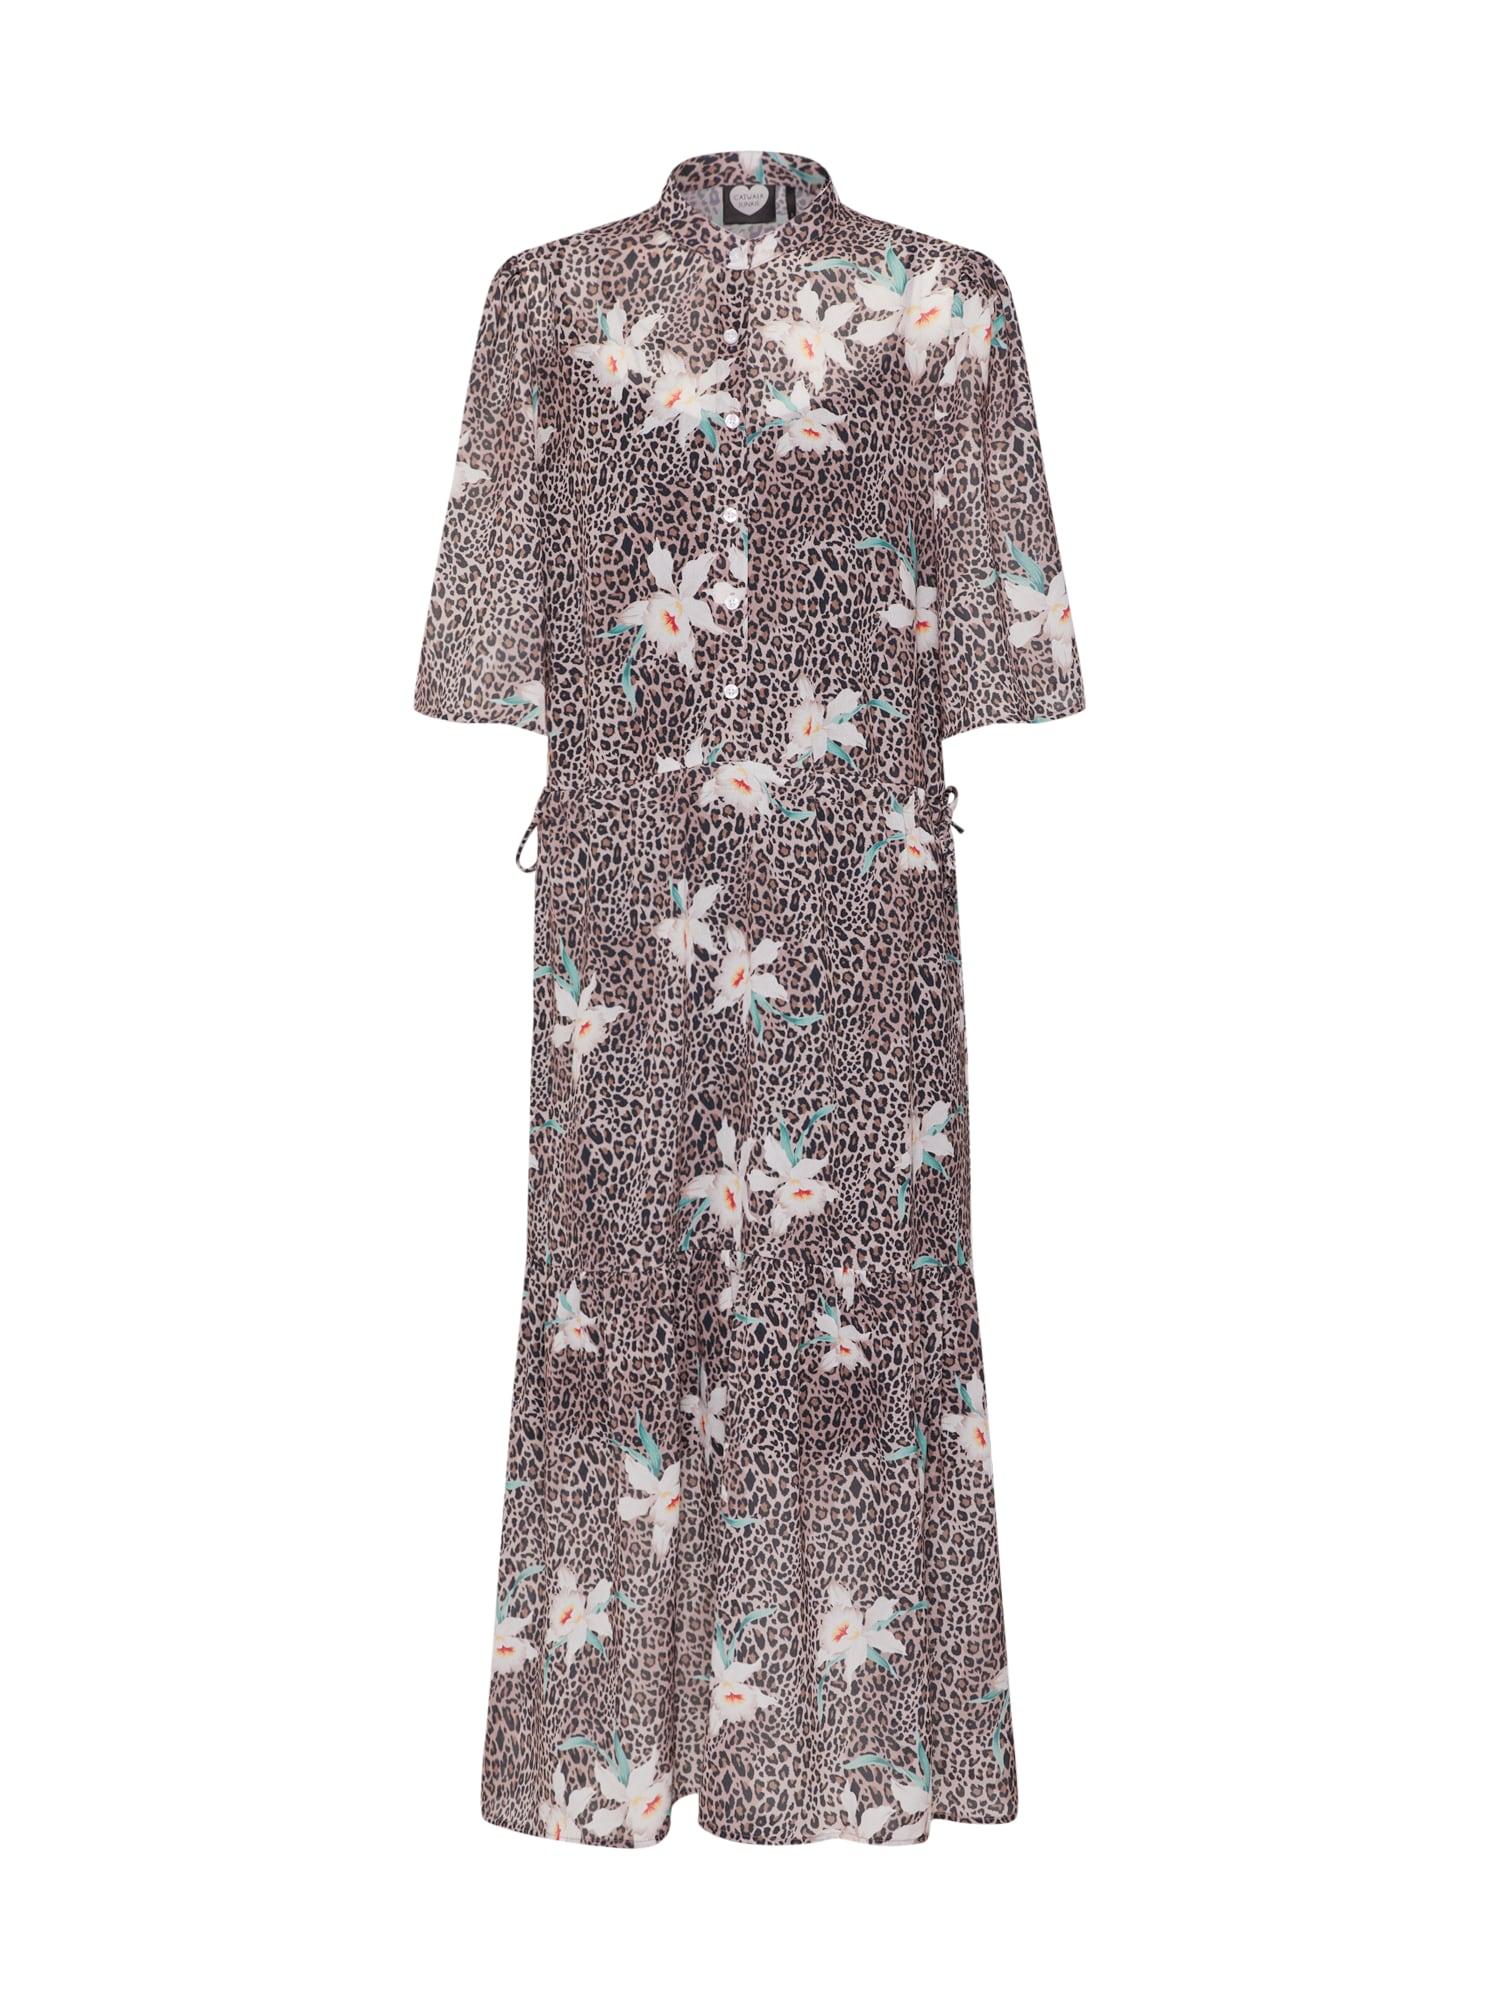 Šaty DR YUCCA béžová hnědá mix barev CATWALK JUNKIE